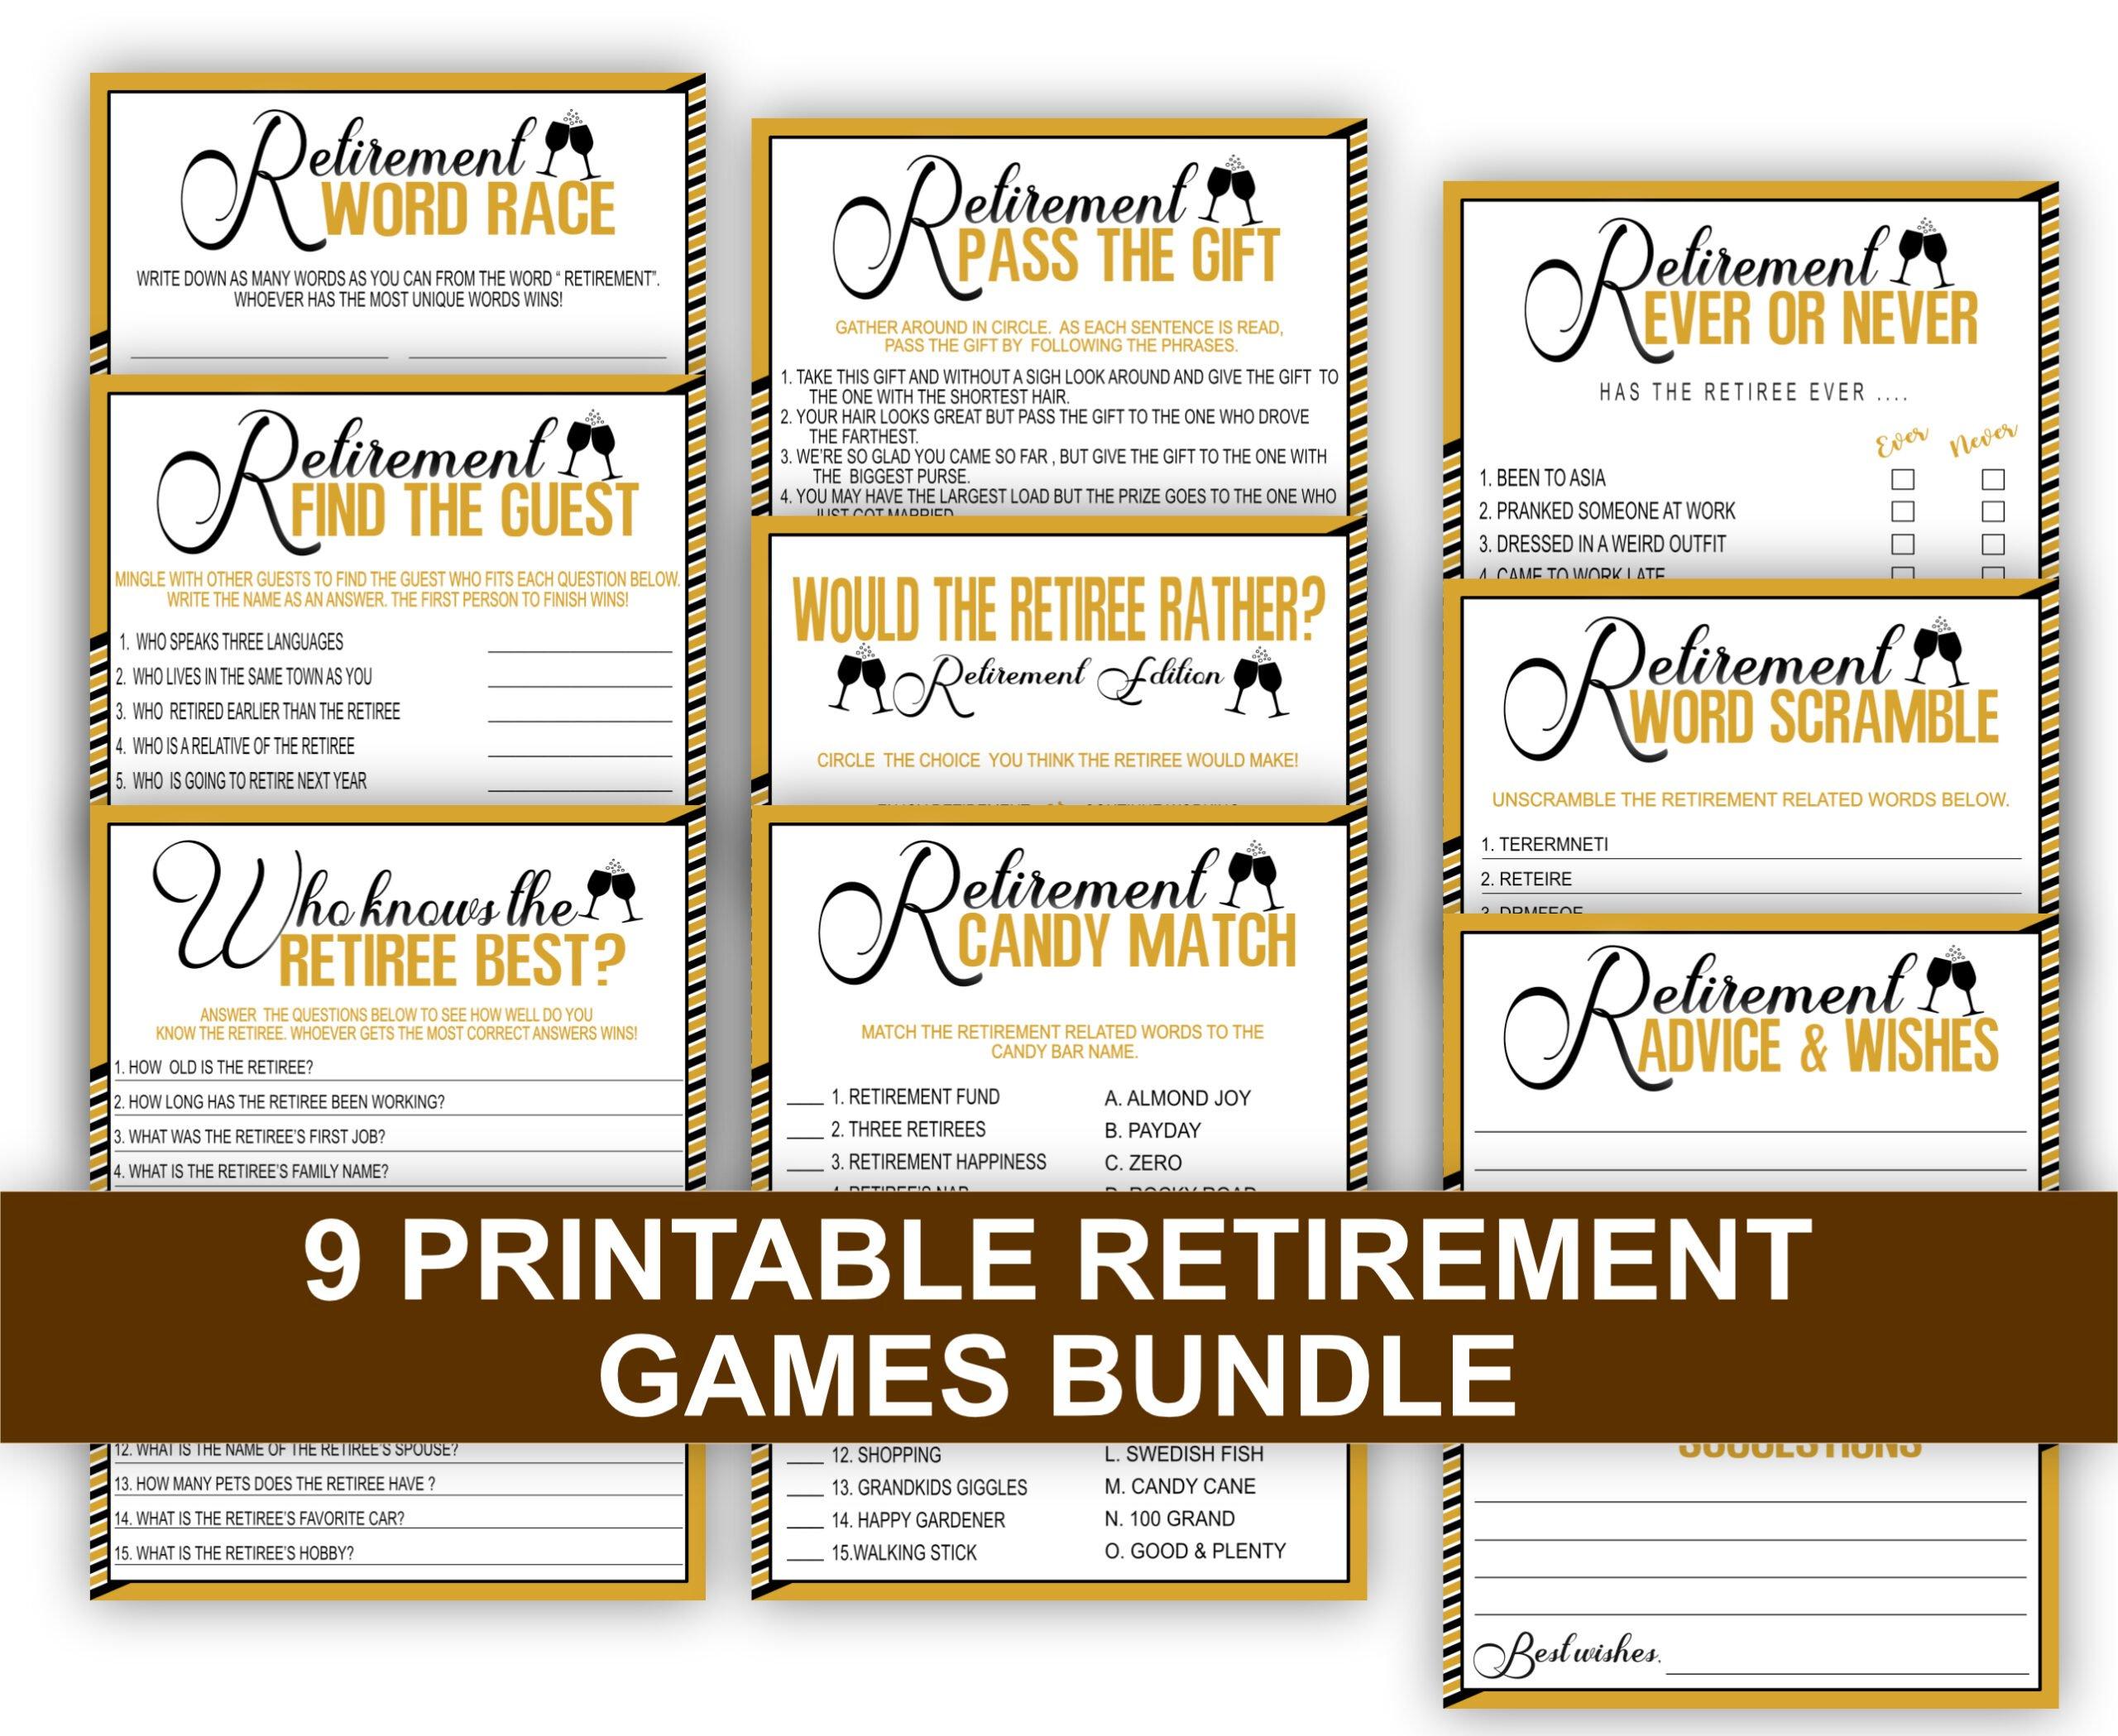 RETIREMENT GAMES RETIREMENT 9-1 Games Bundle Pack Fun